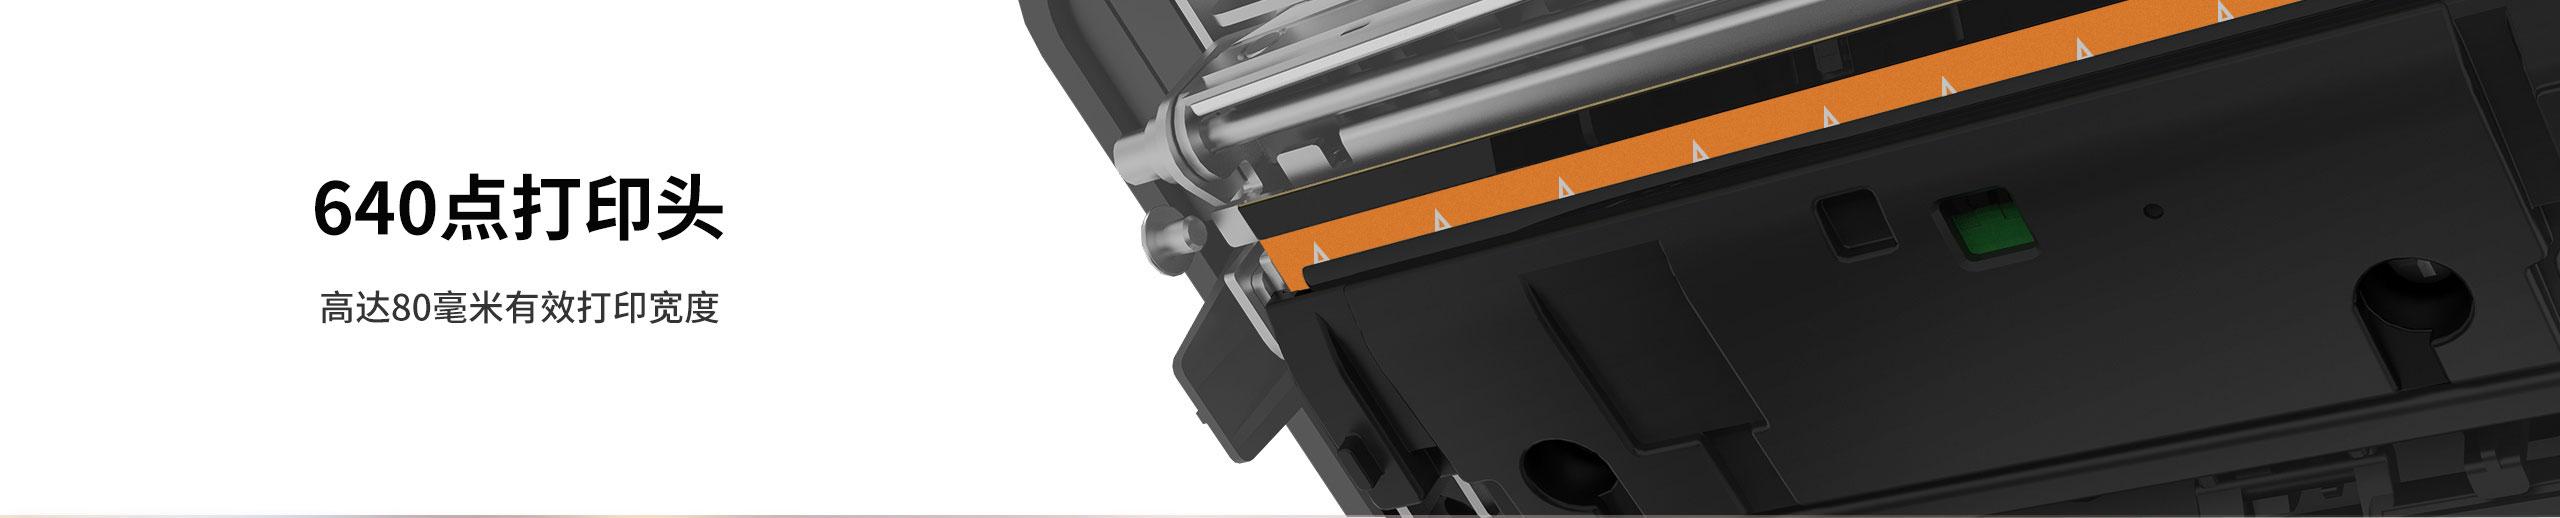 TP809热敏票据打印机,黑白两色可选  第21张